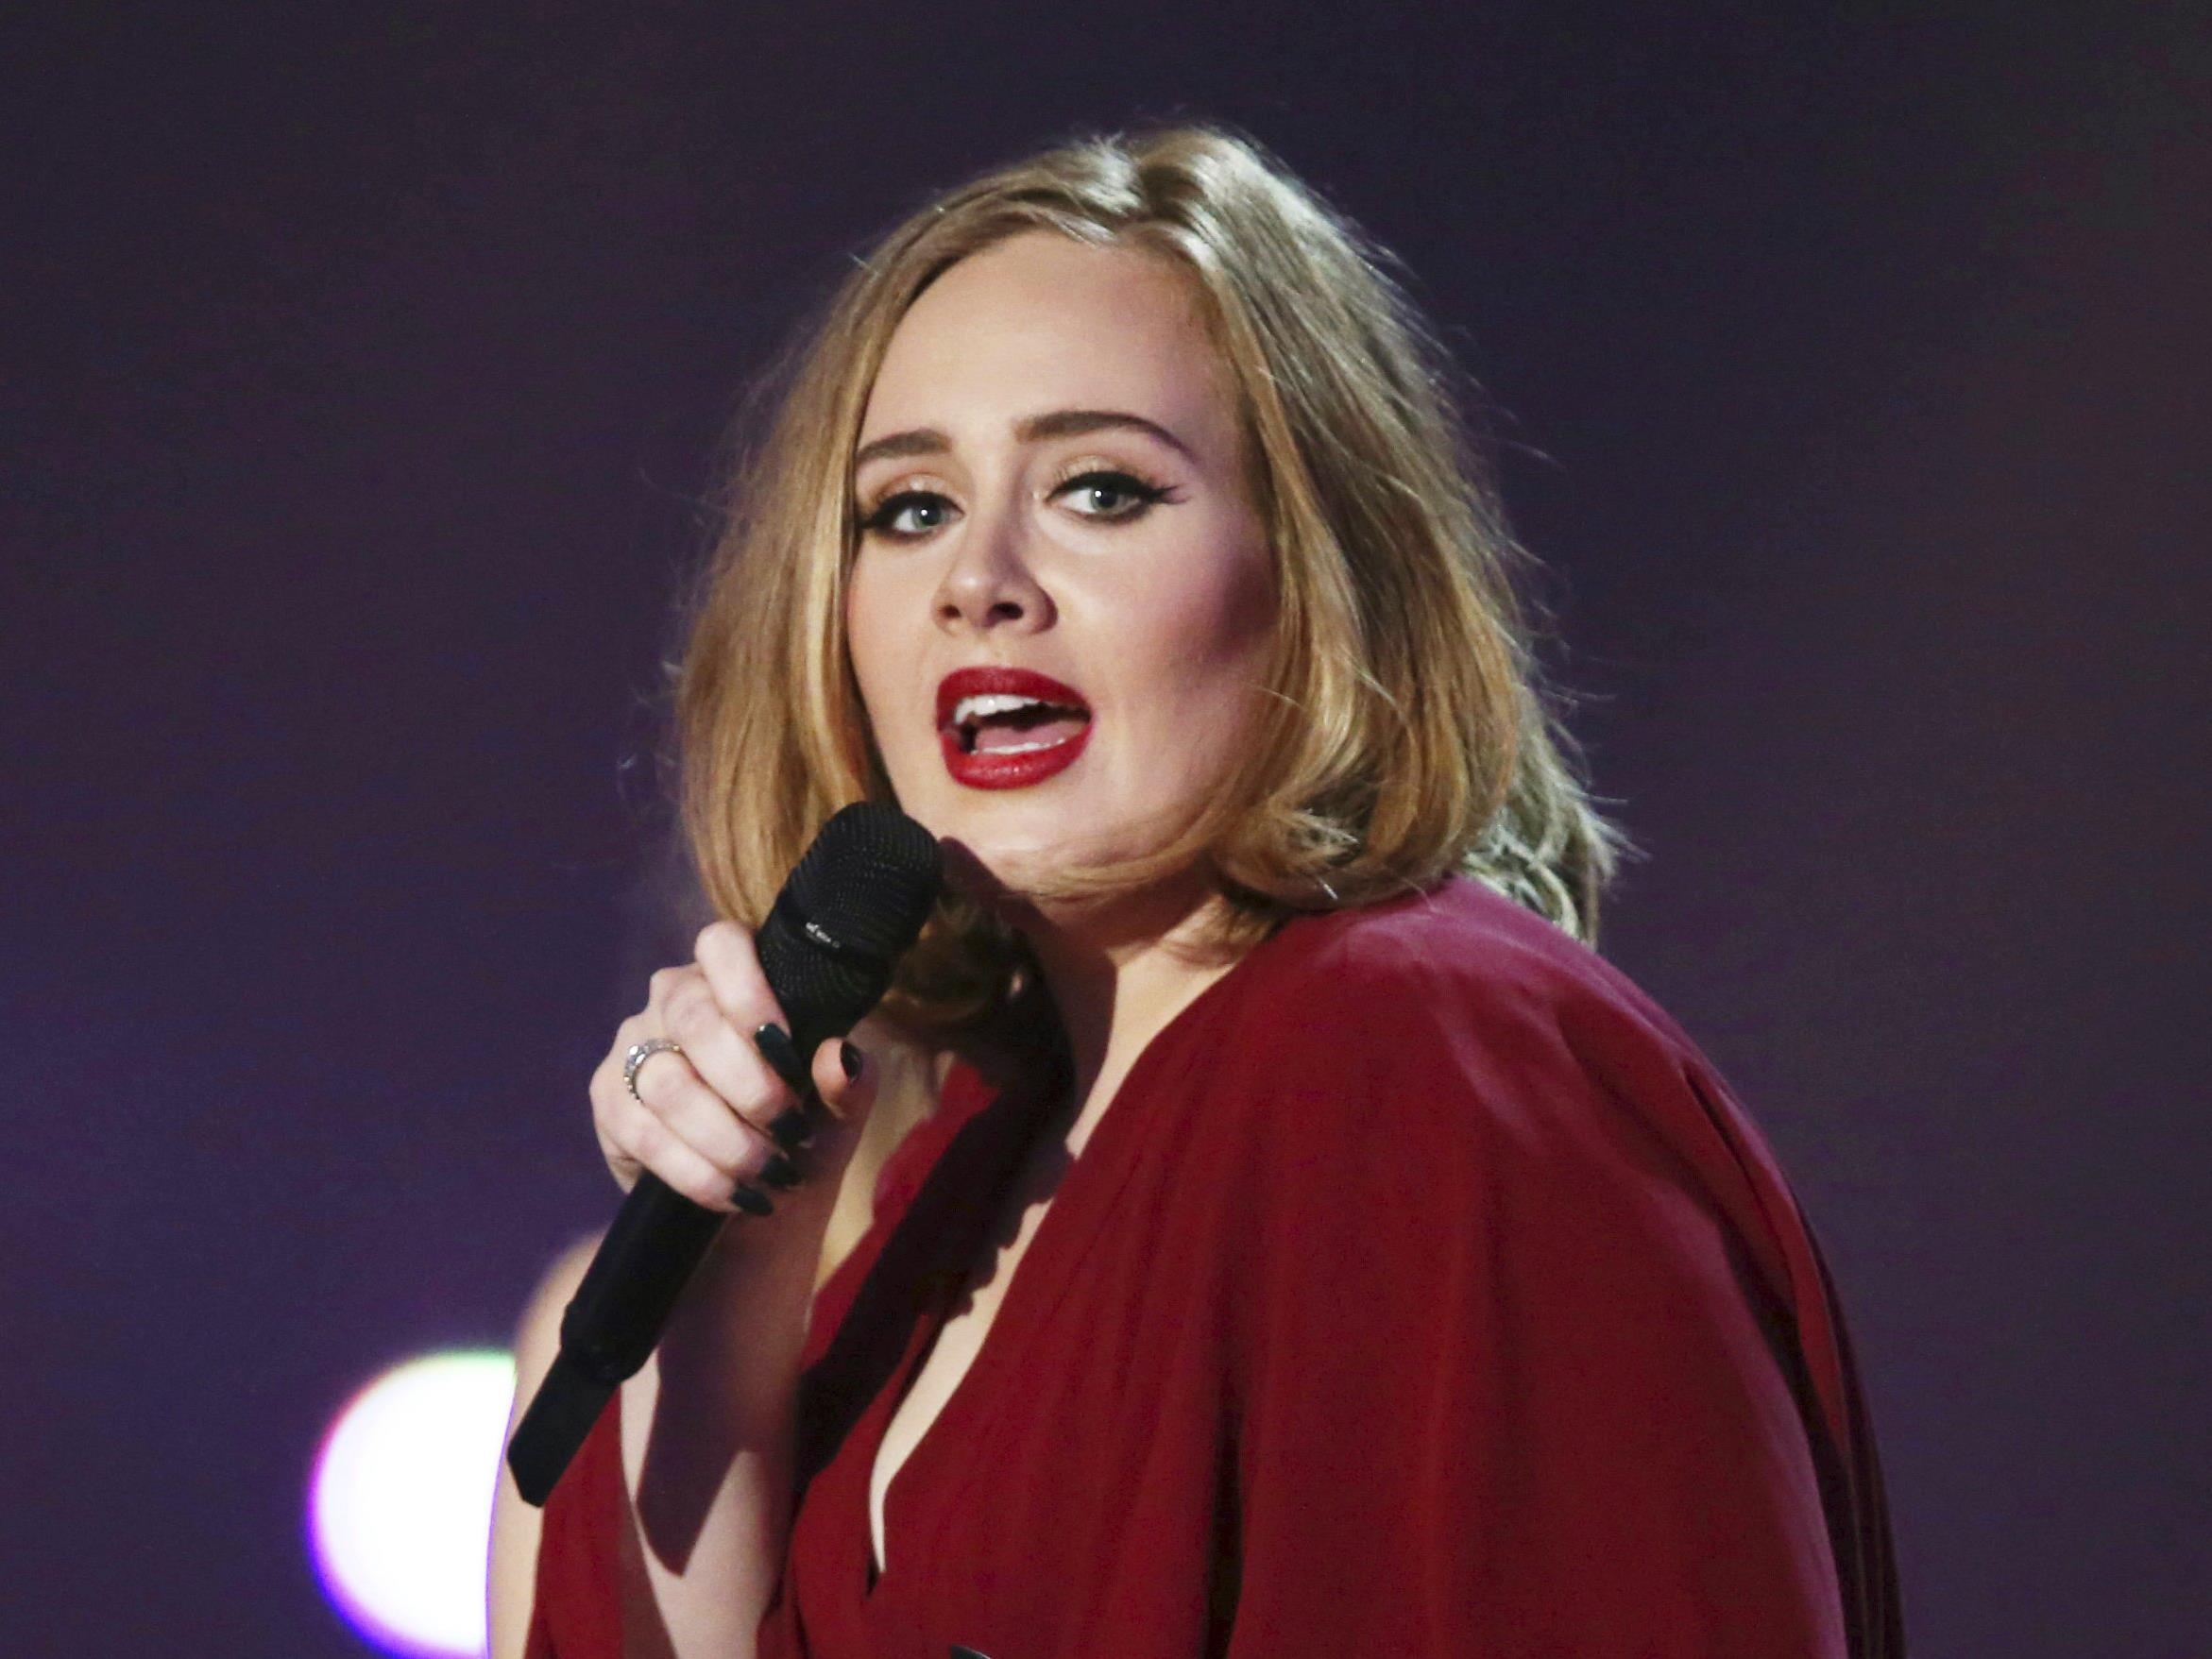 Über Chartstürmerin Adele gibt es mehr als nur einen kuriosen Fakt.